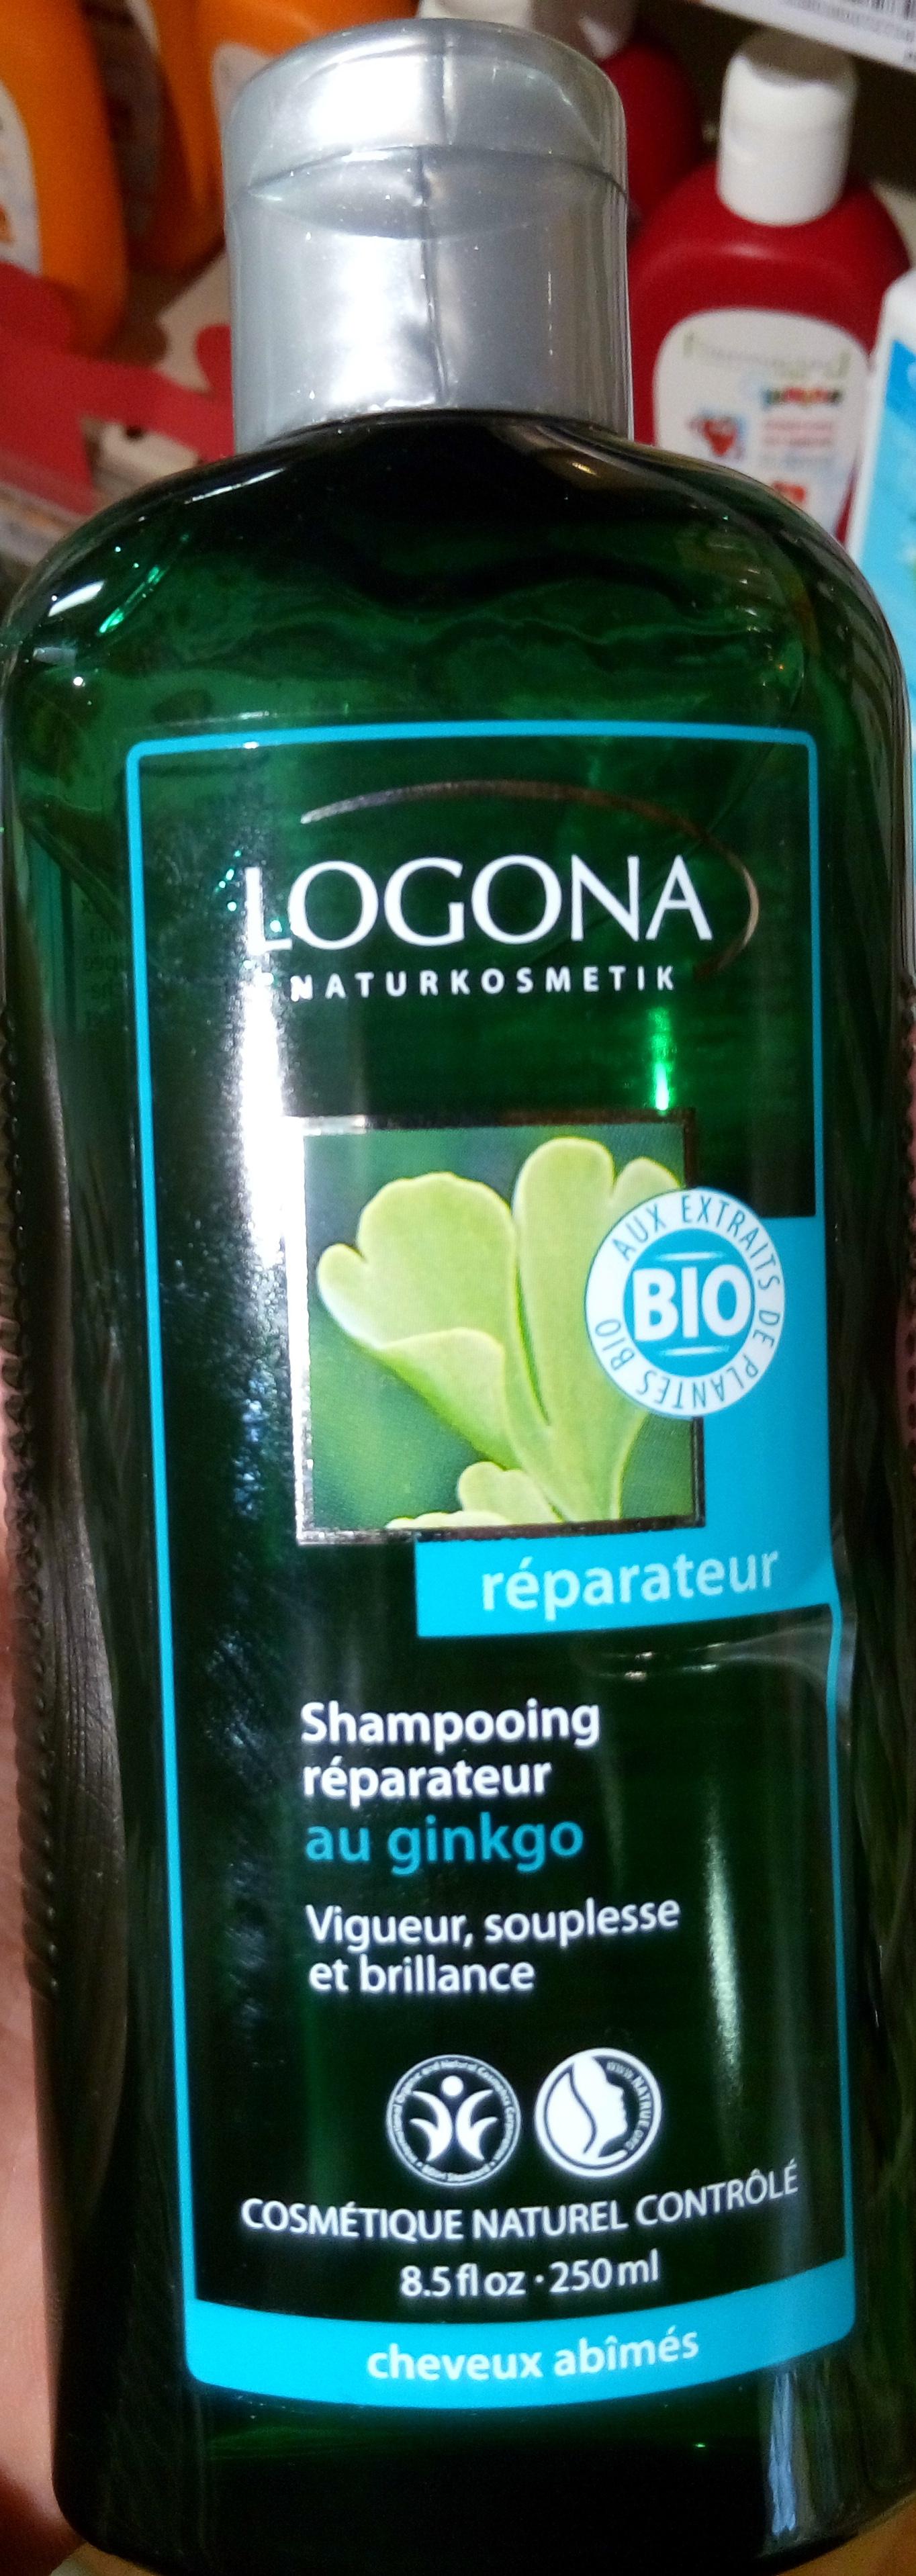 Shampooing réparateur au ginkgo - Product